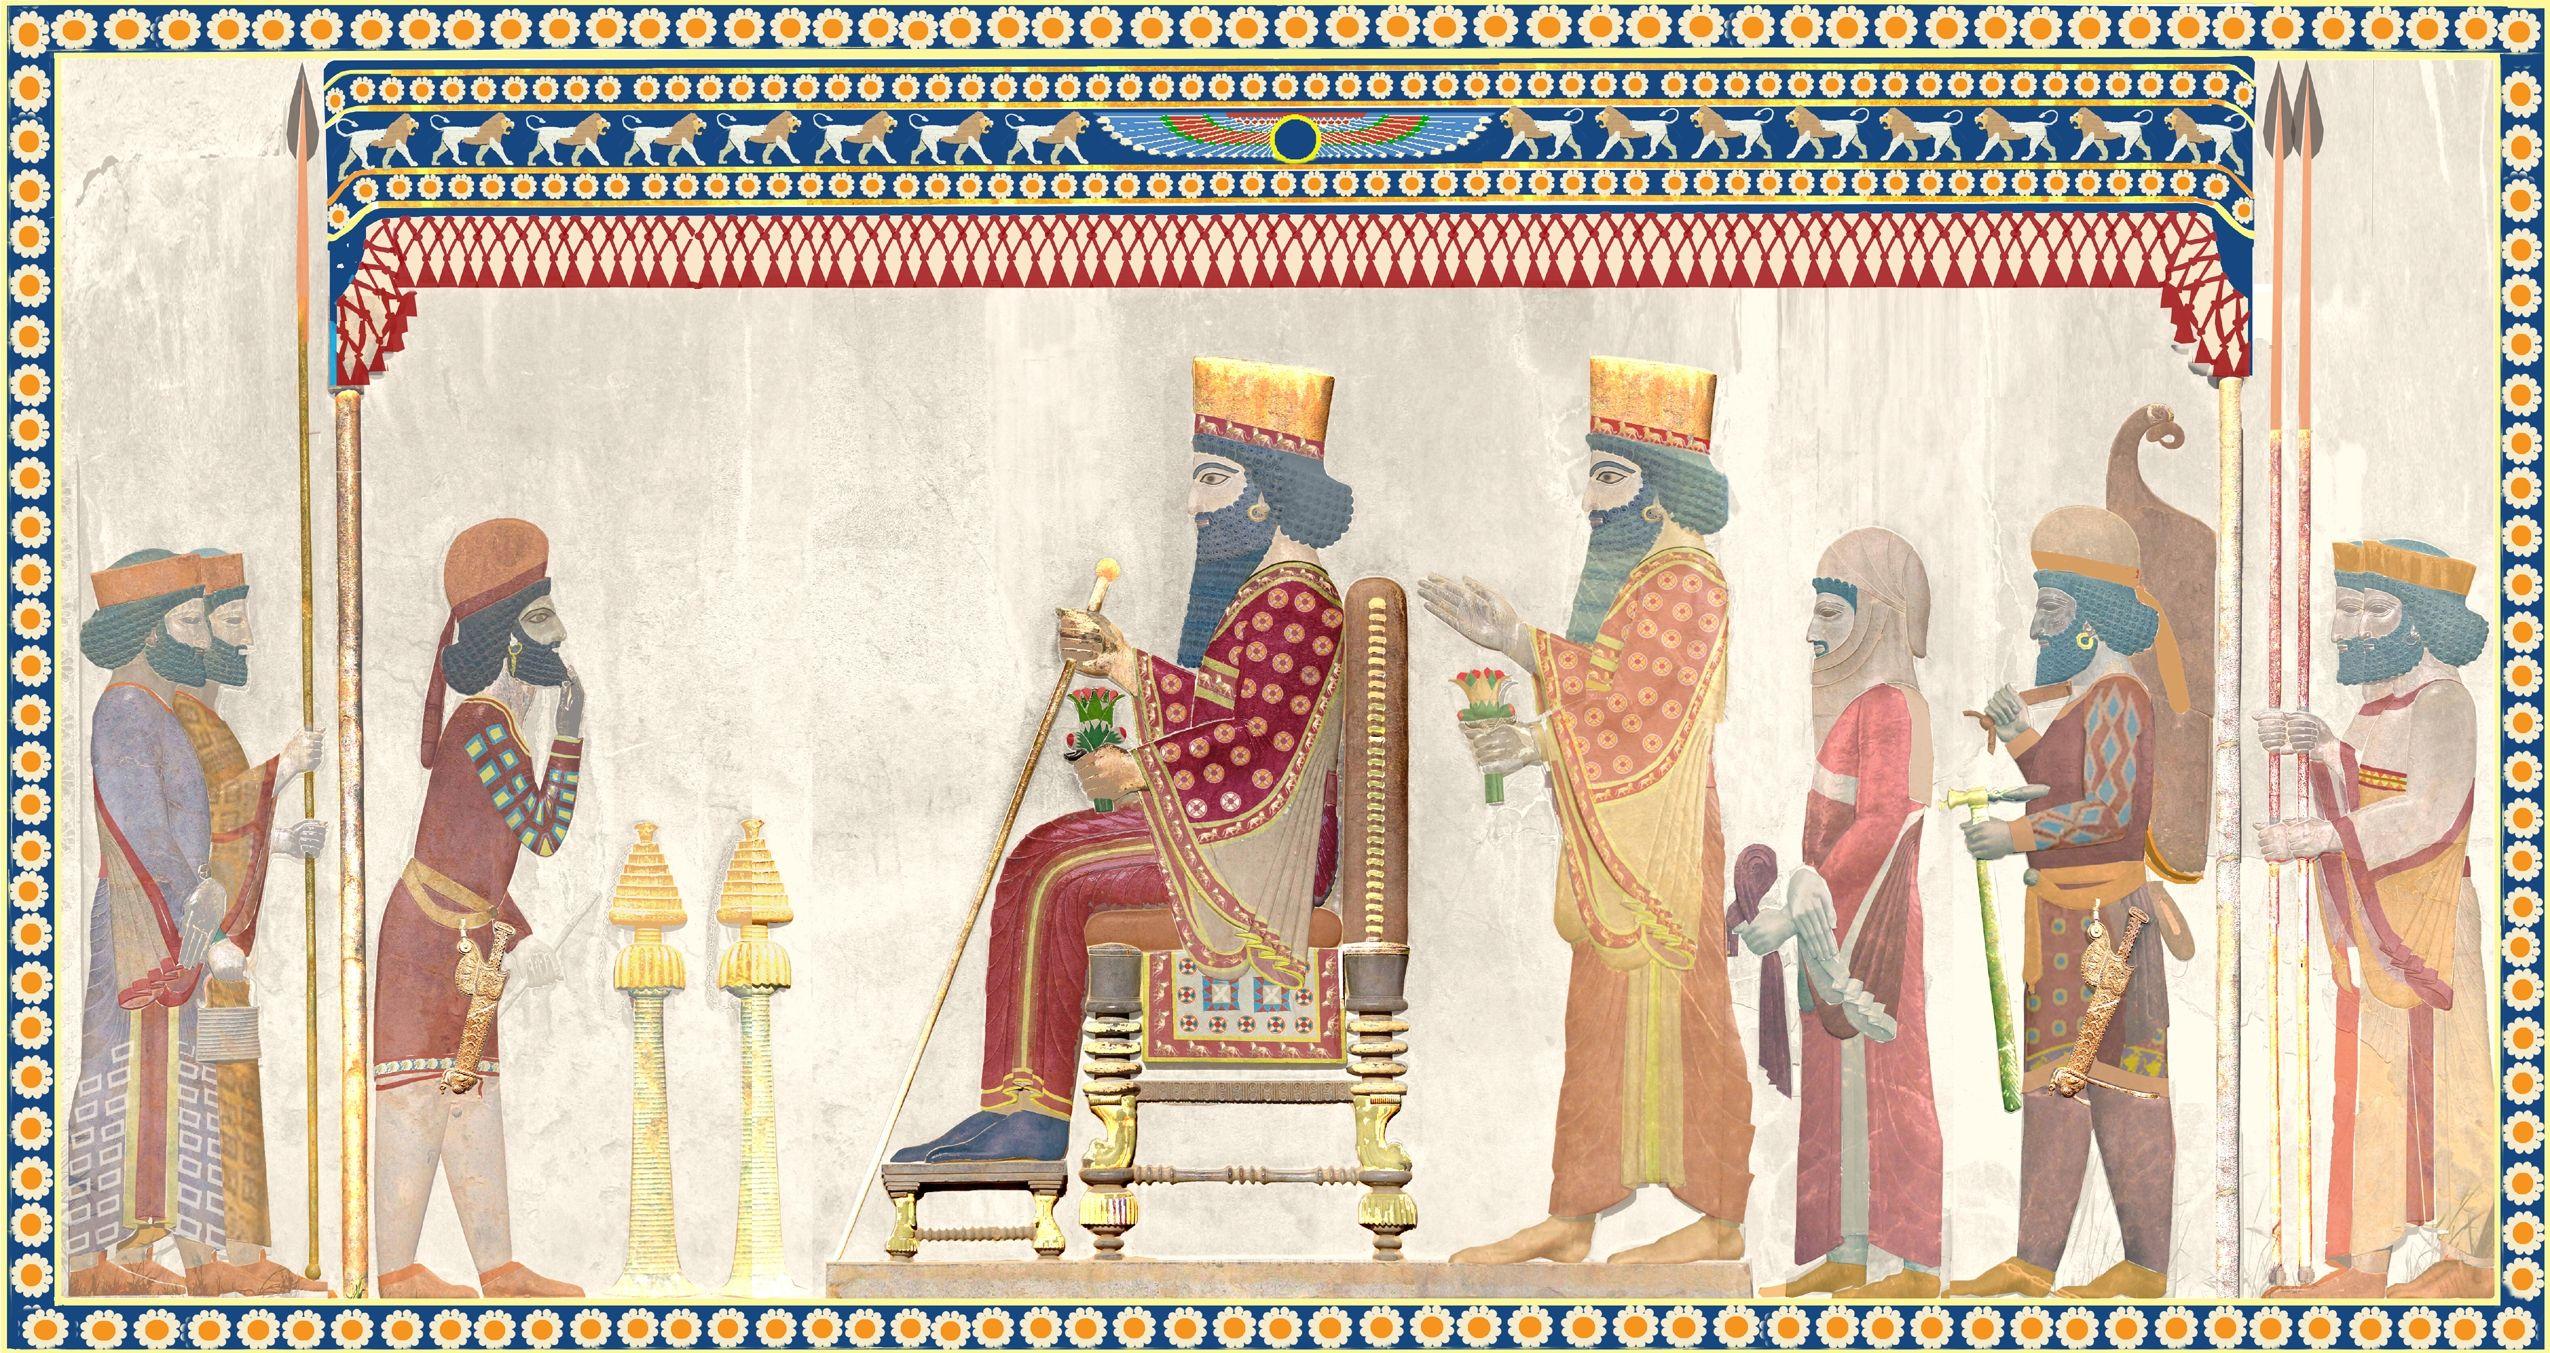 上图:波斯波利斯王宫浮雕的复原图,展现了波斯宫廷的礼仪。国王穿着朝服,手持金杖。